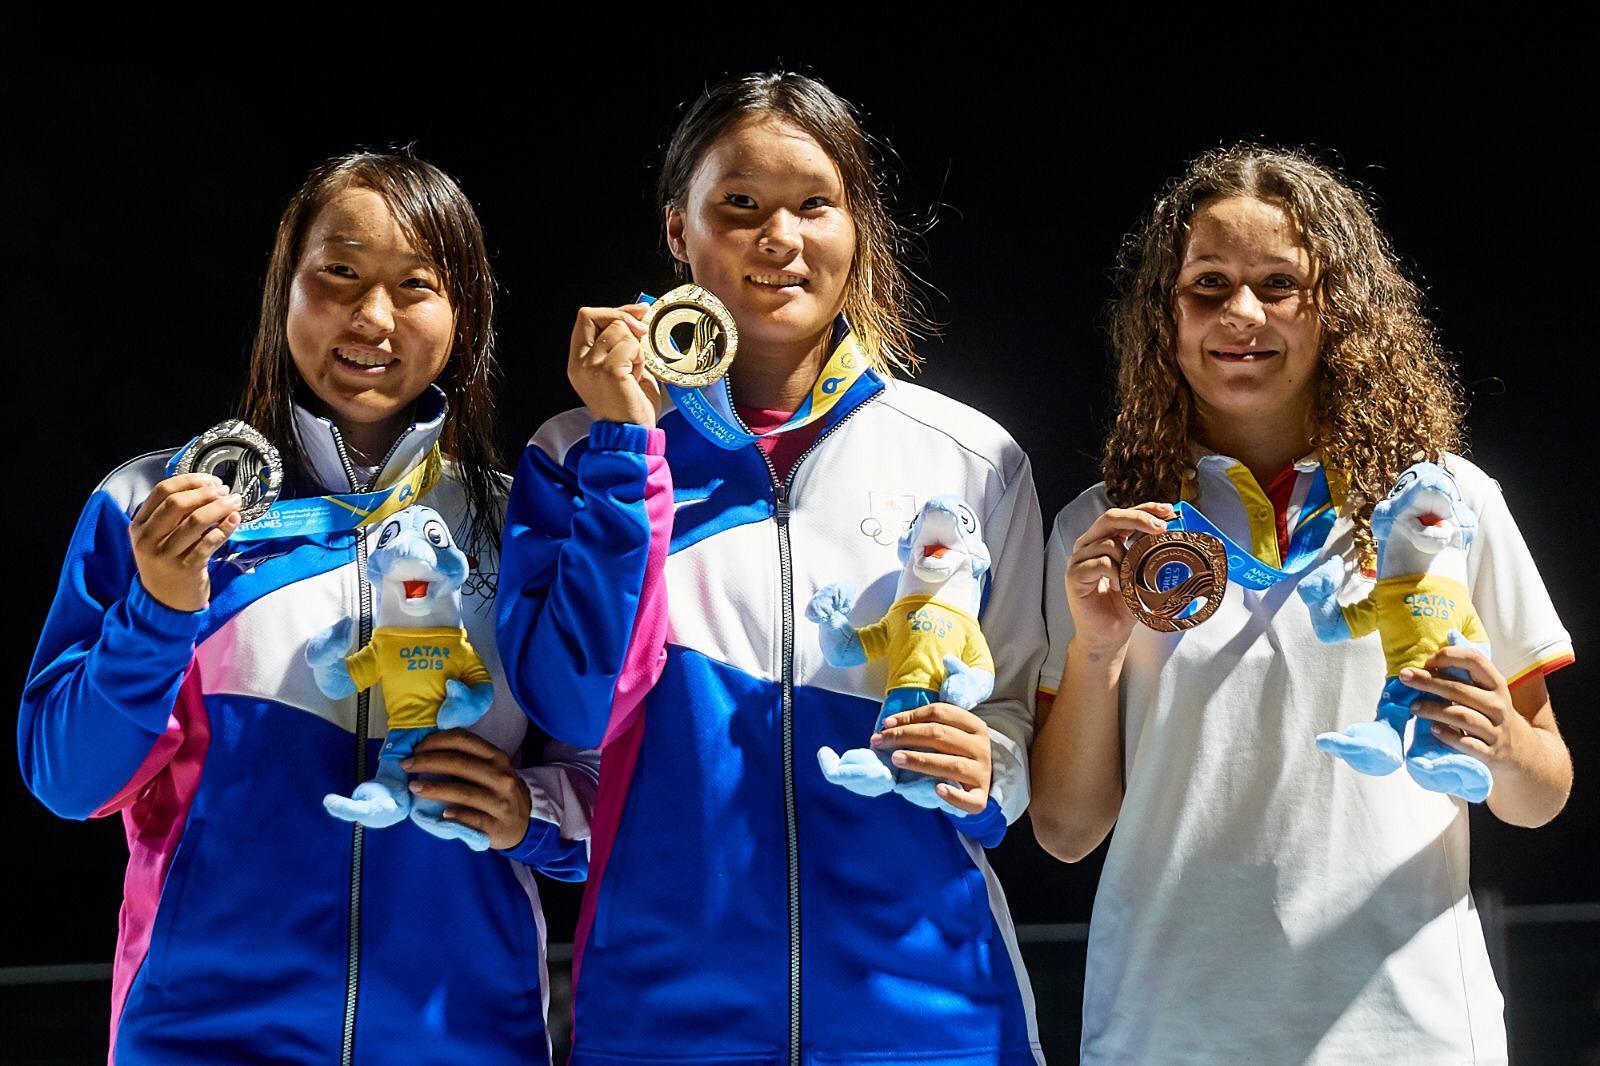 Julia Benedetti rumbo a las olimpiadas